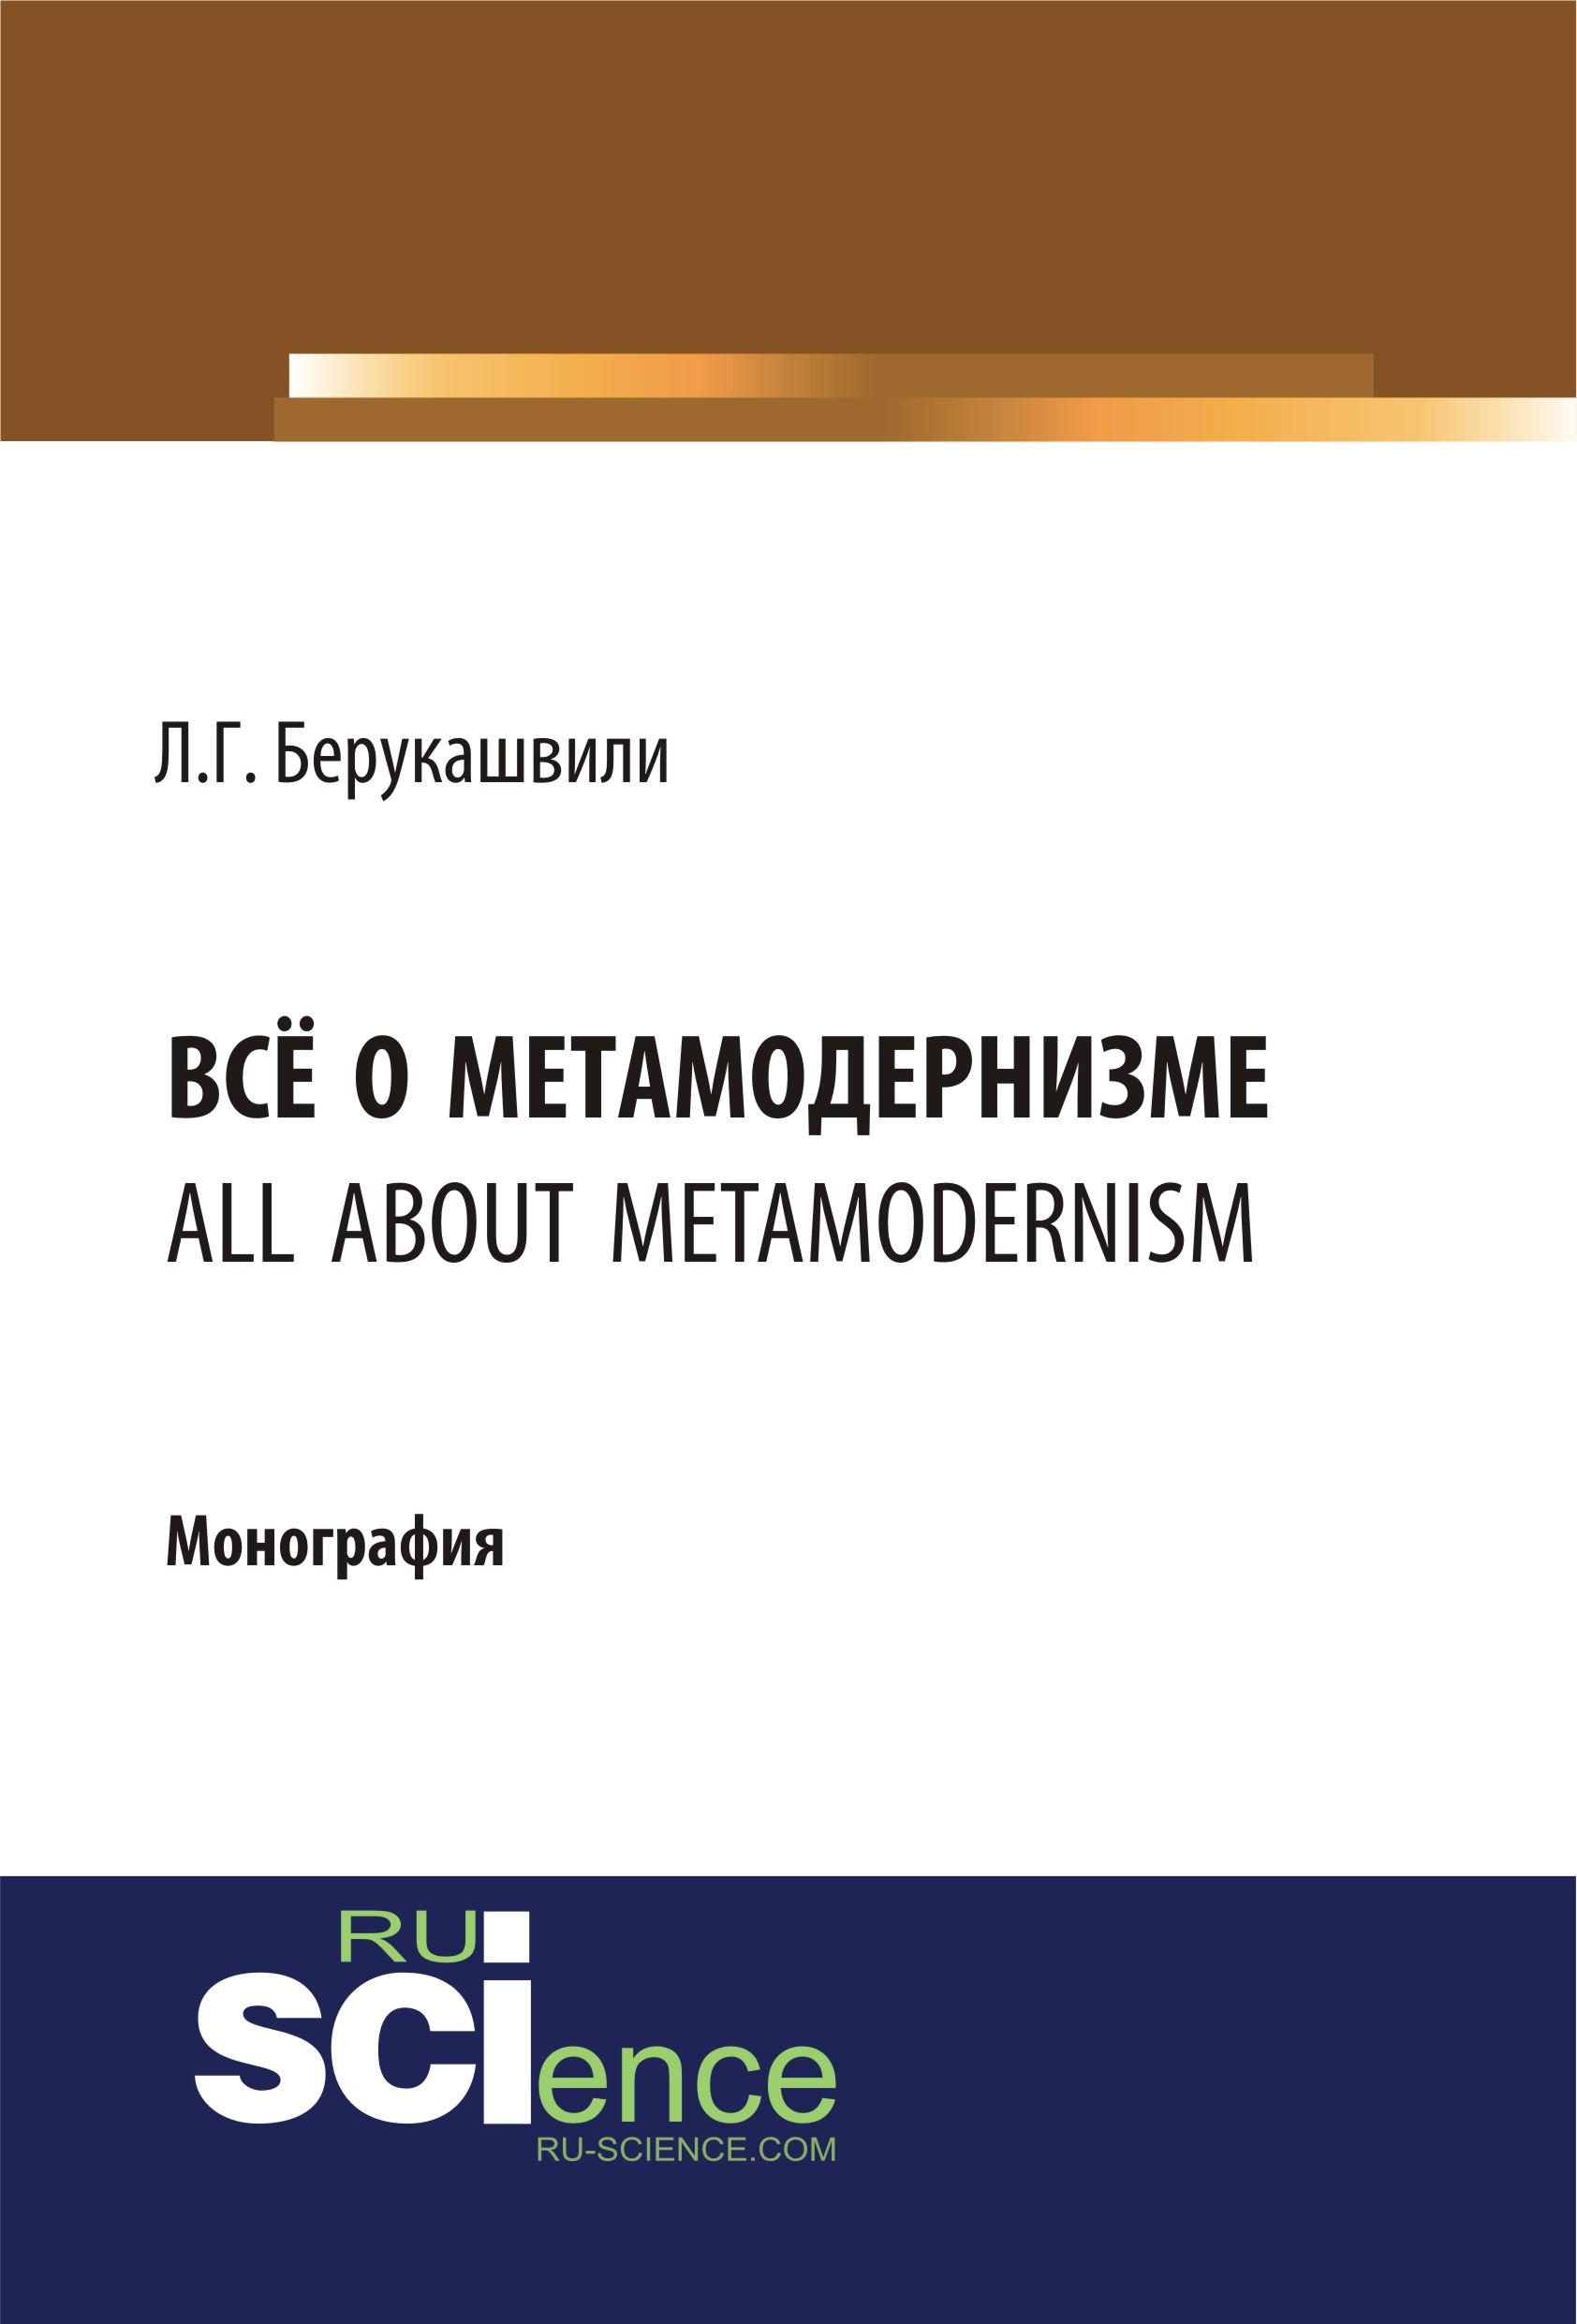 Берукашвили Л.Г. Всё о метамодернизме